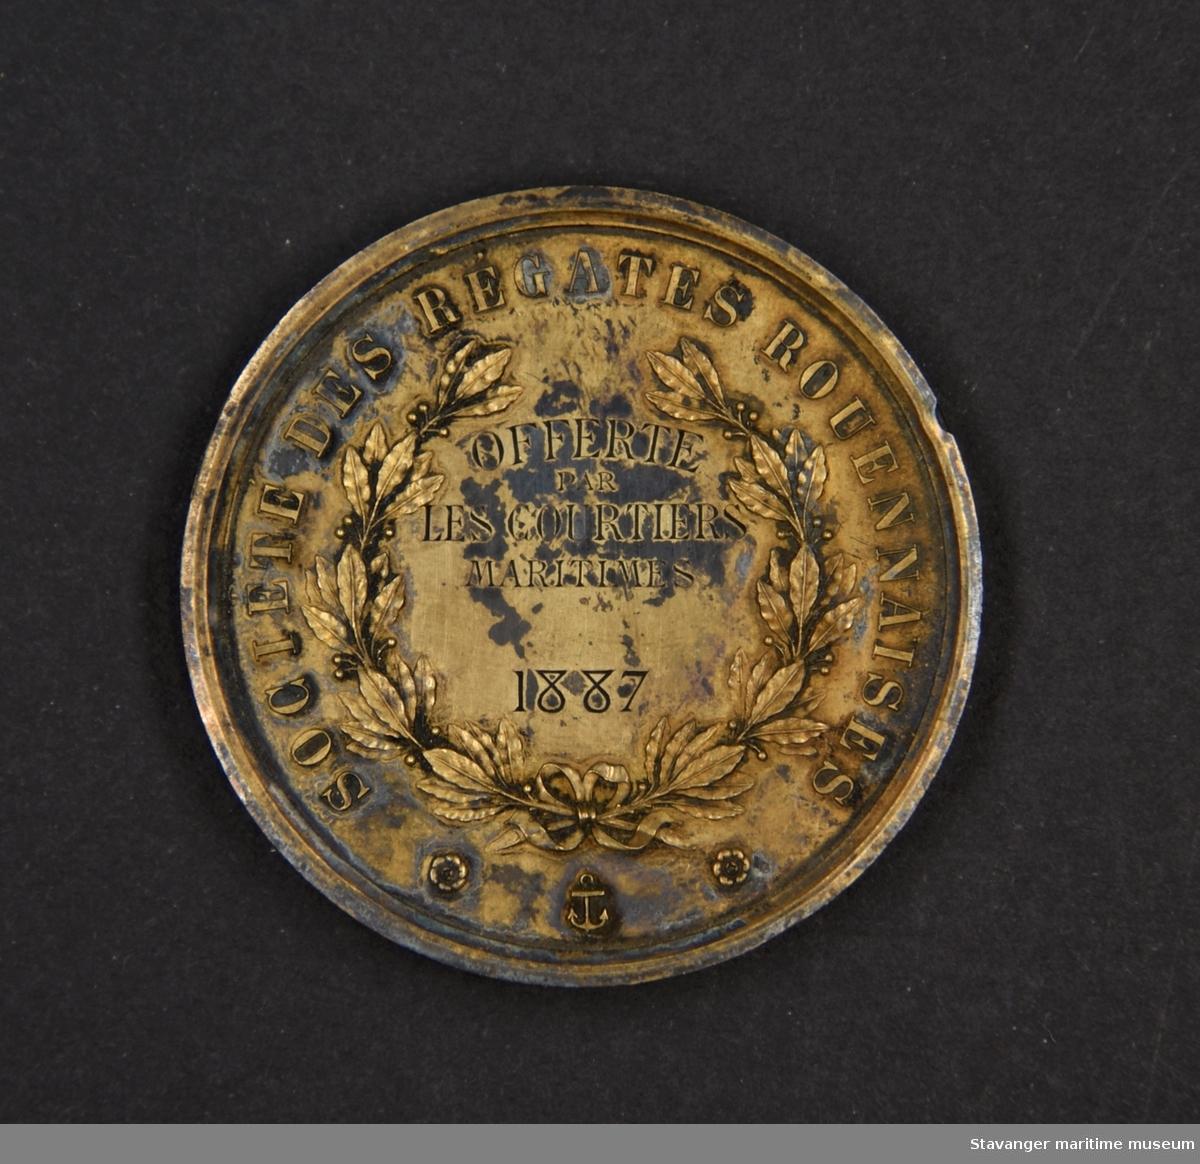 Medalje trolig av kobber med etui.  På den ene siden er det innskrifter, årstall og broderier, på den andre siden er det et regatta motiv.